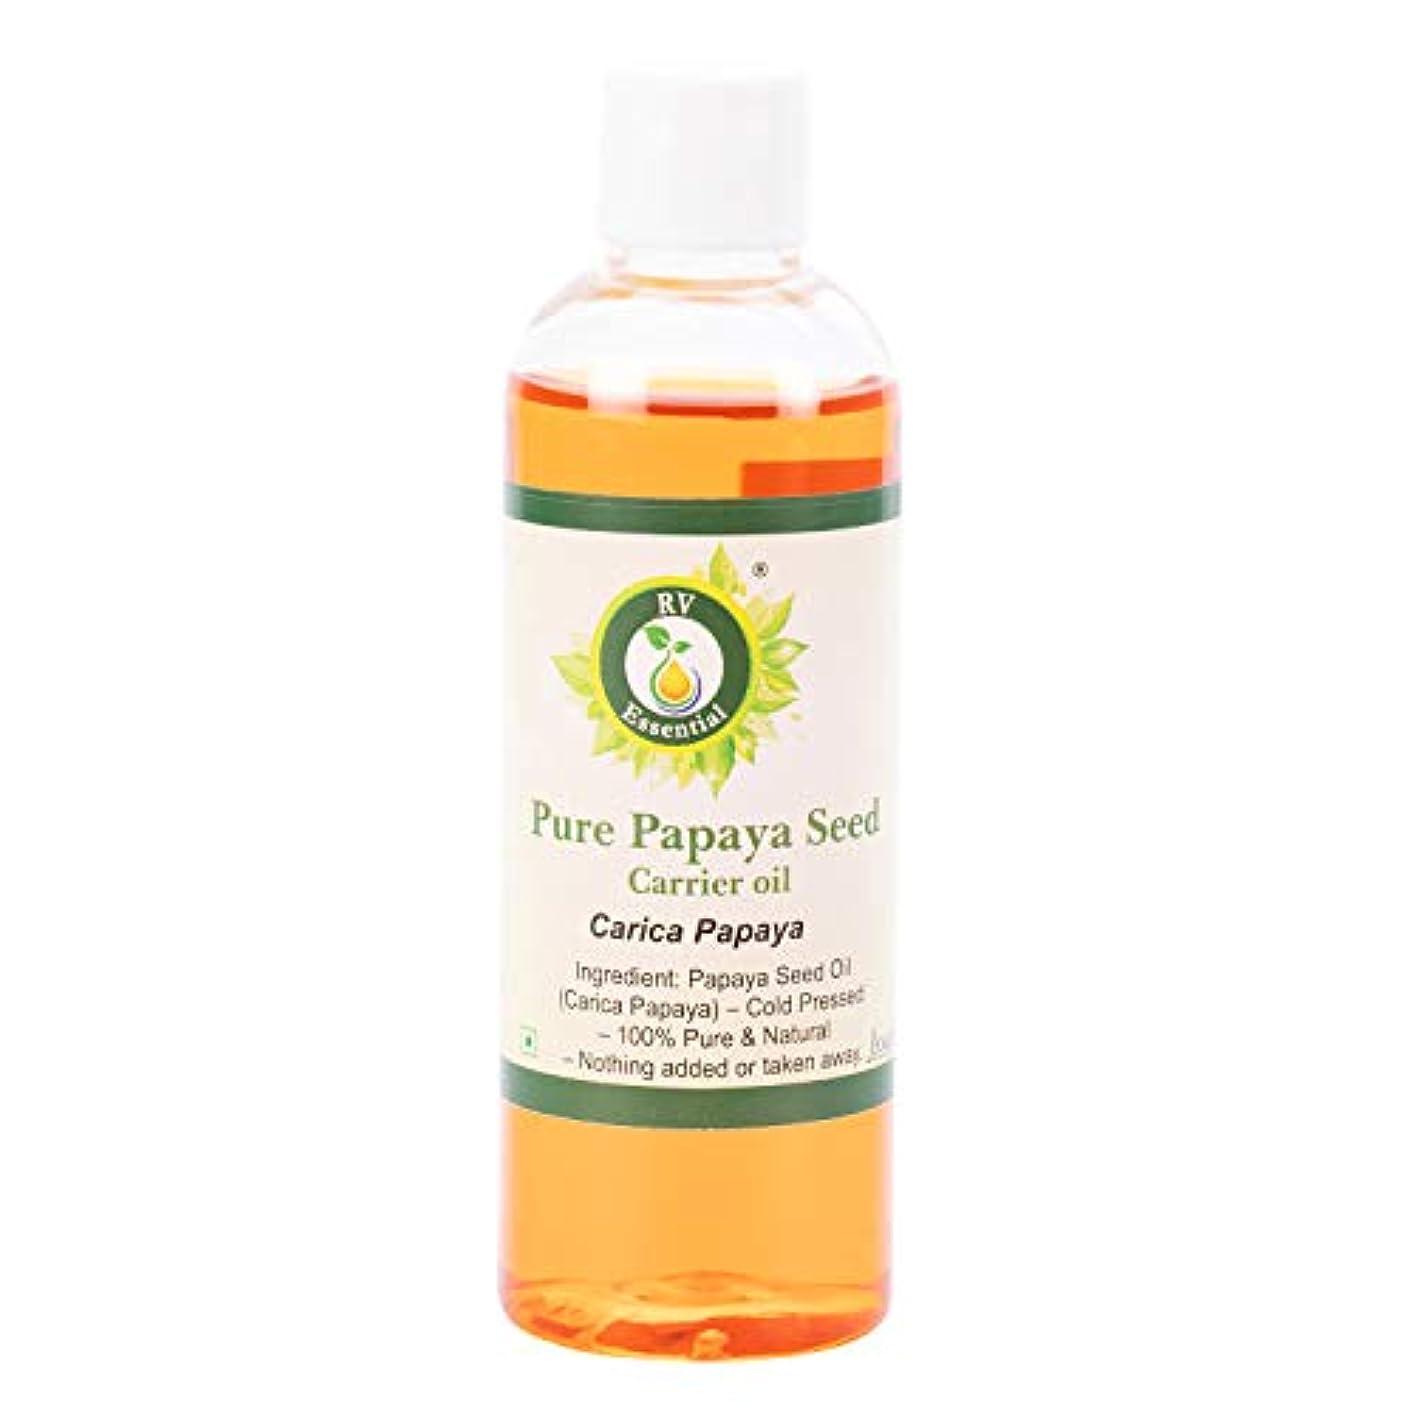 蒸発不可能な洞察力純粋なパパイヤ種子キャリアオイル100ml (3.38oz)- Carica Papaya (100%ピュア&ナチュラルコールドPressed) Pure Papaya Seed Carrier Oil